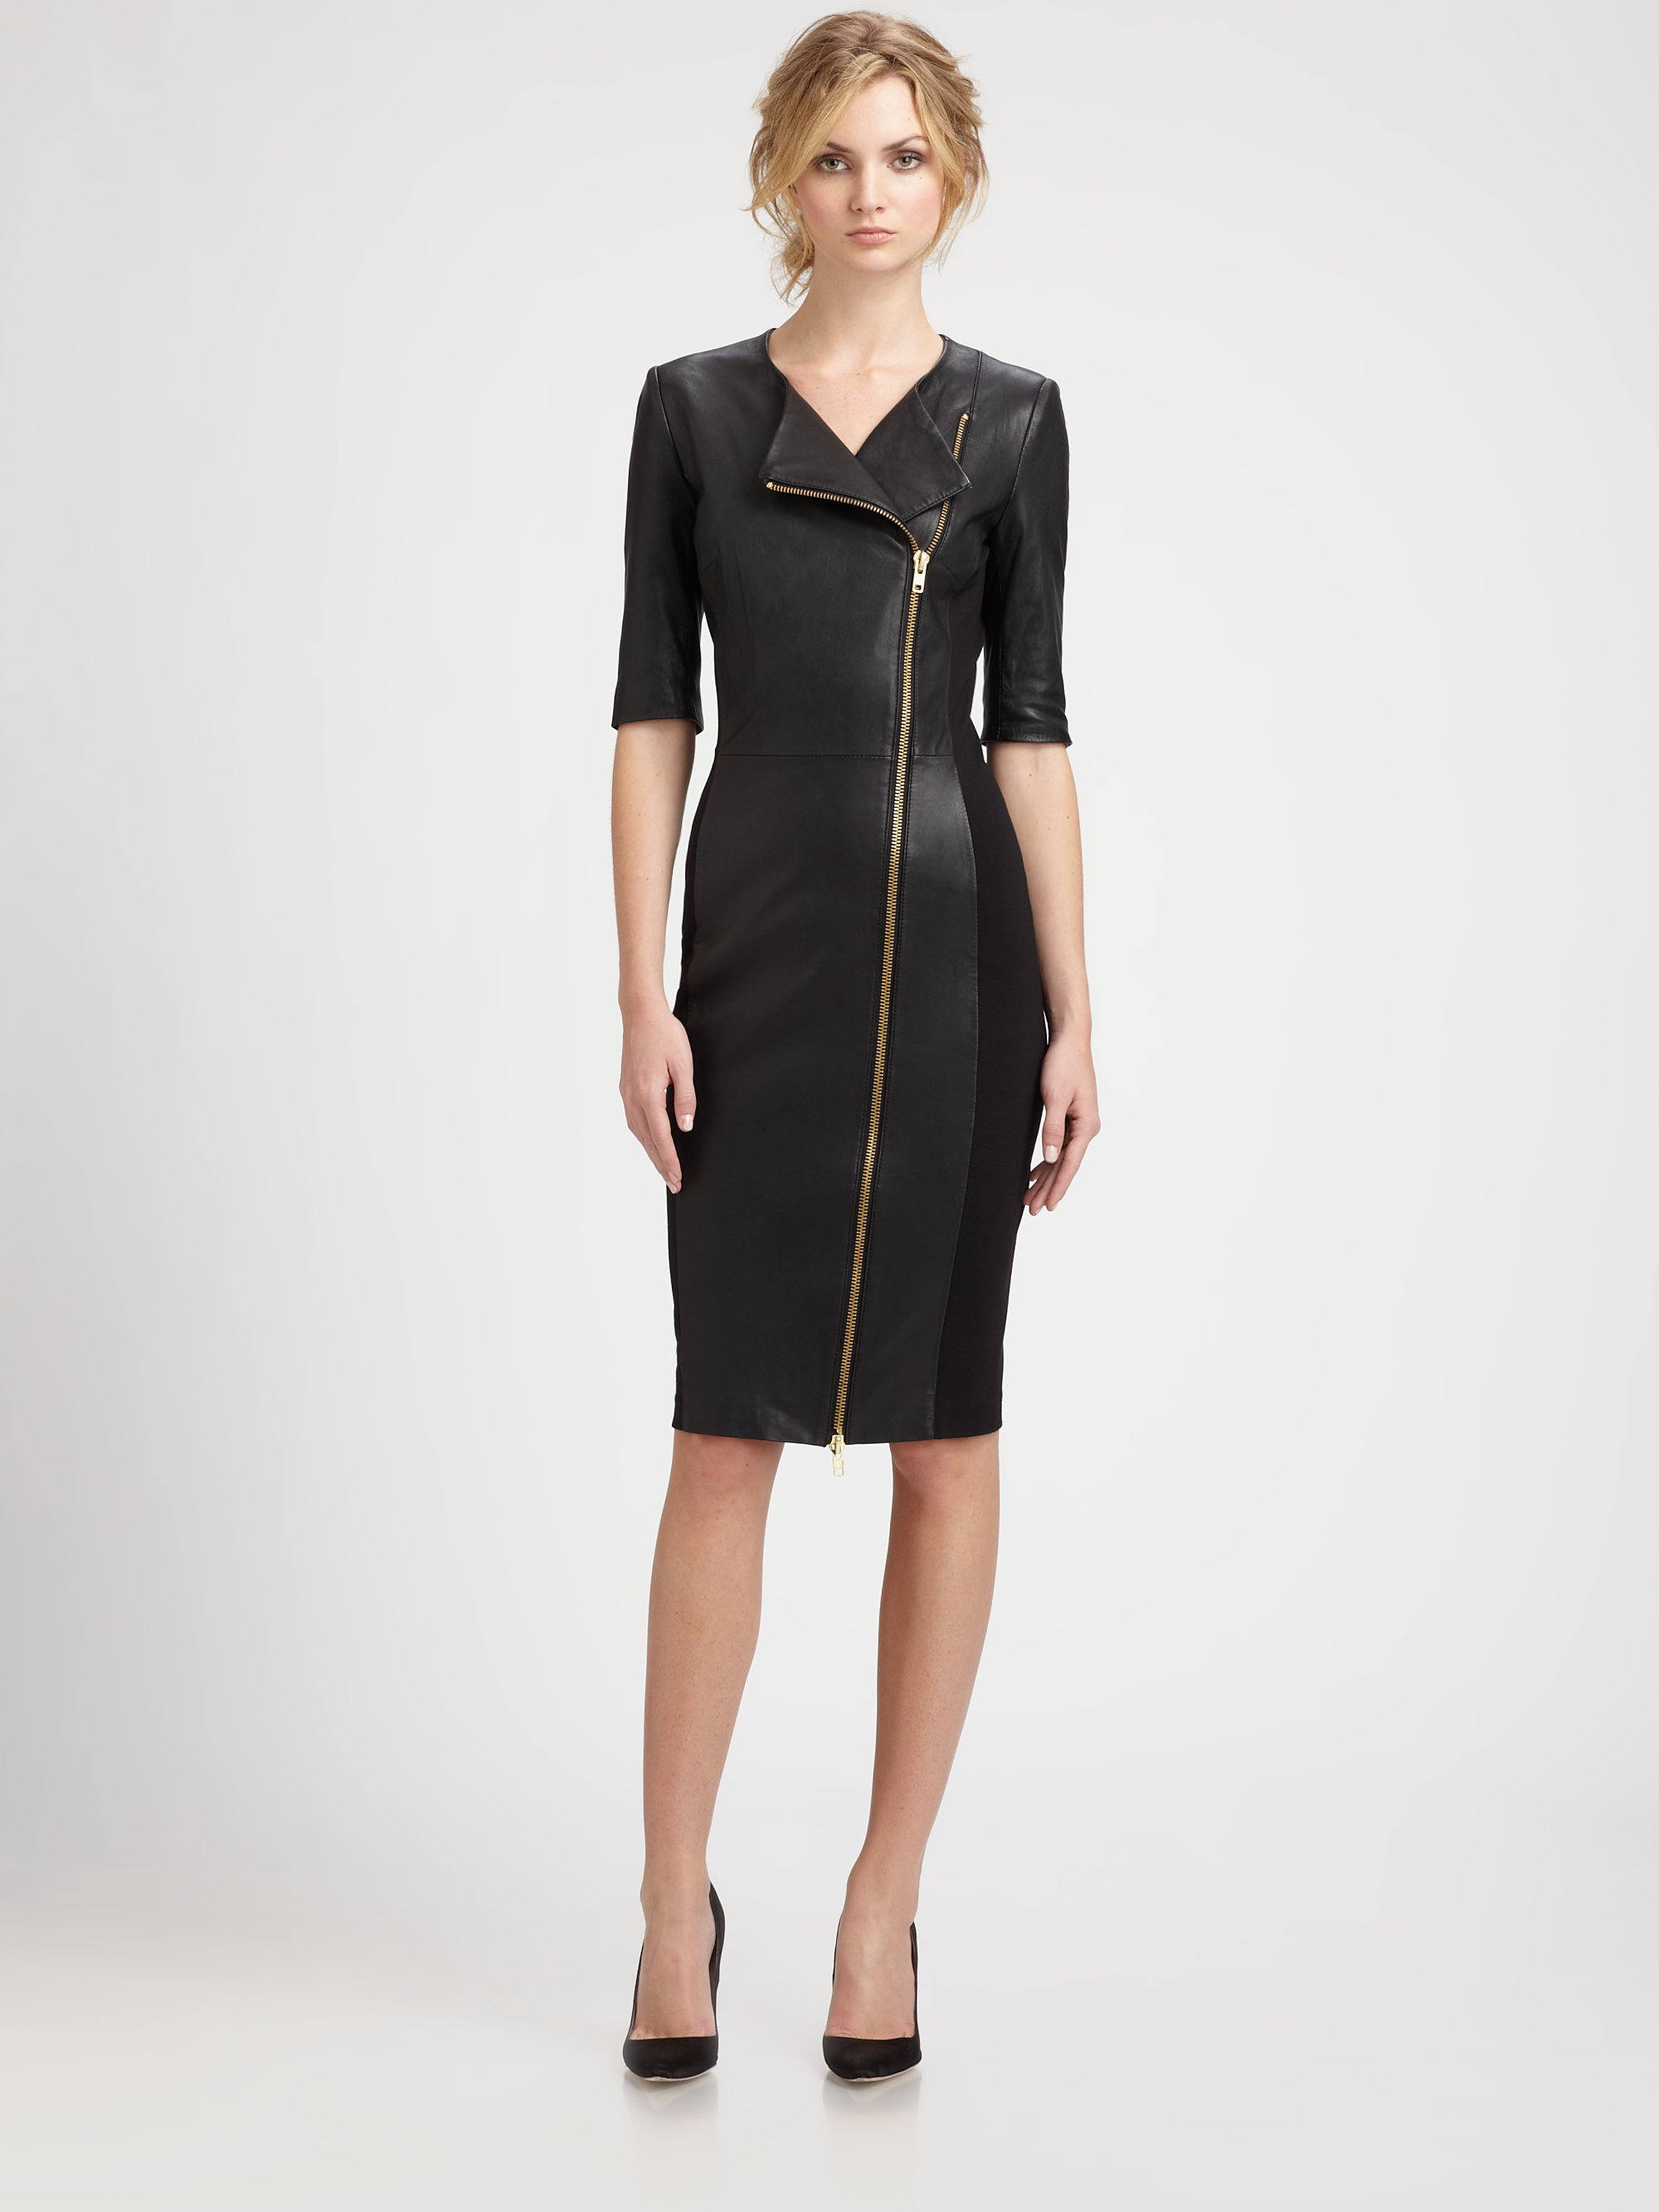 By Malene Birger Asymmetric Zip Leather Dress In Black Lyst